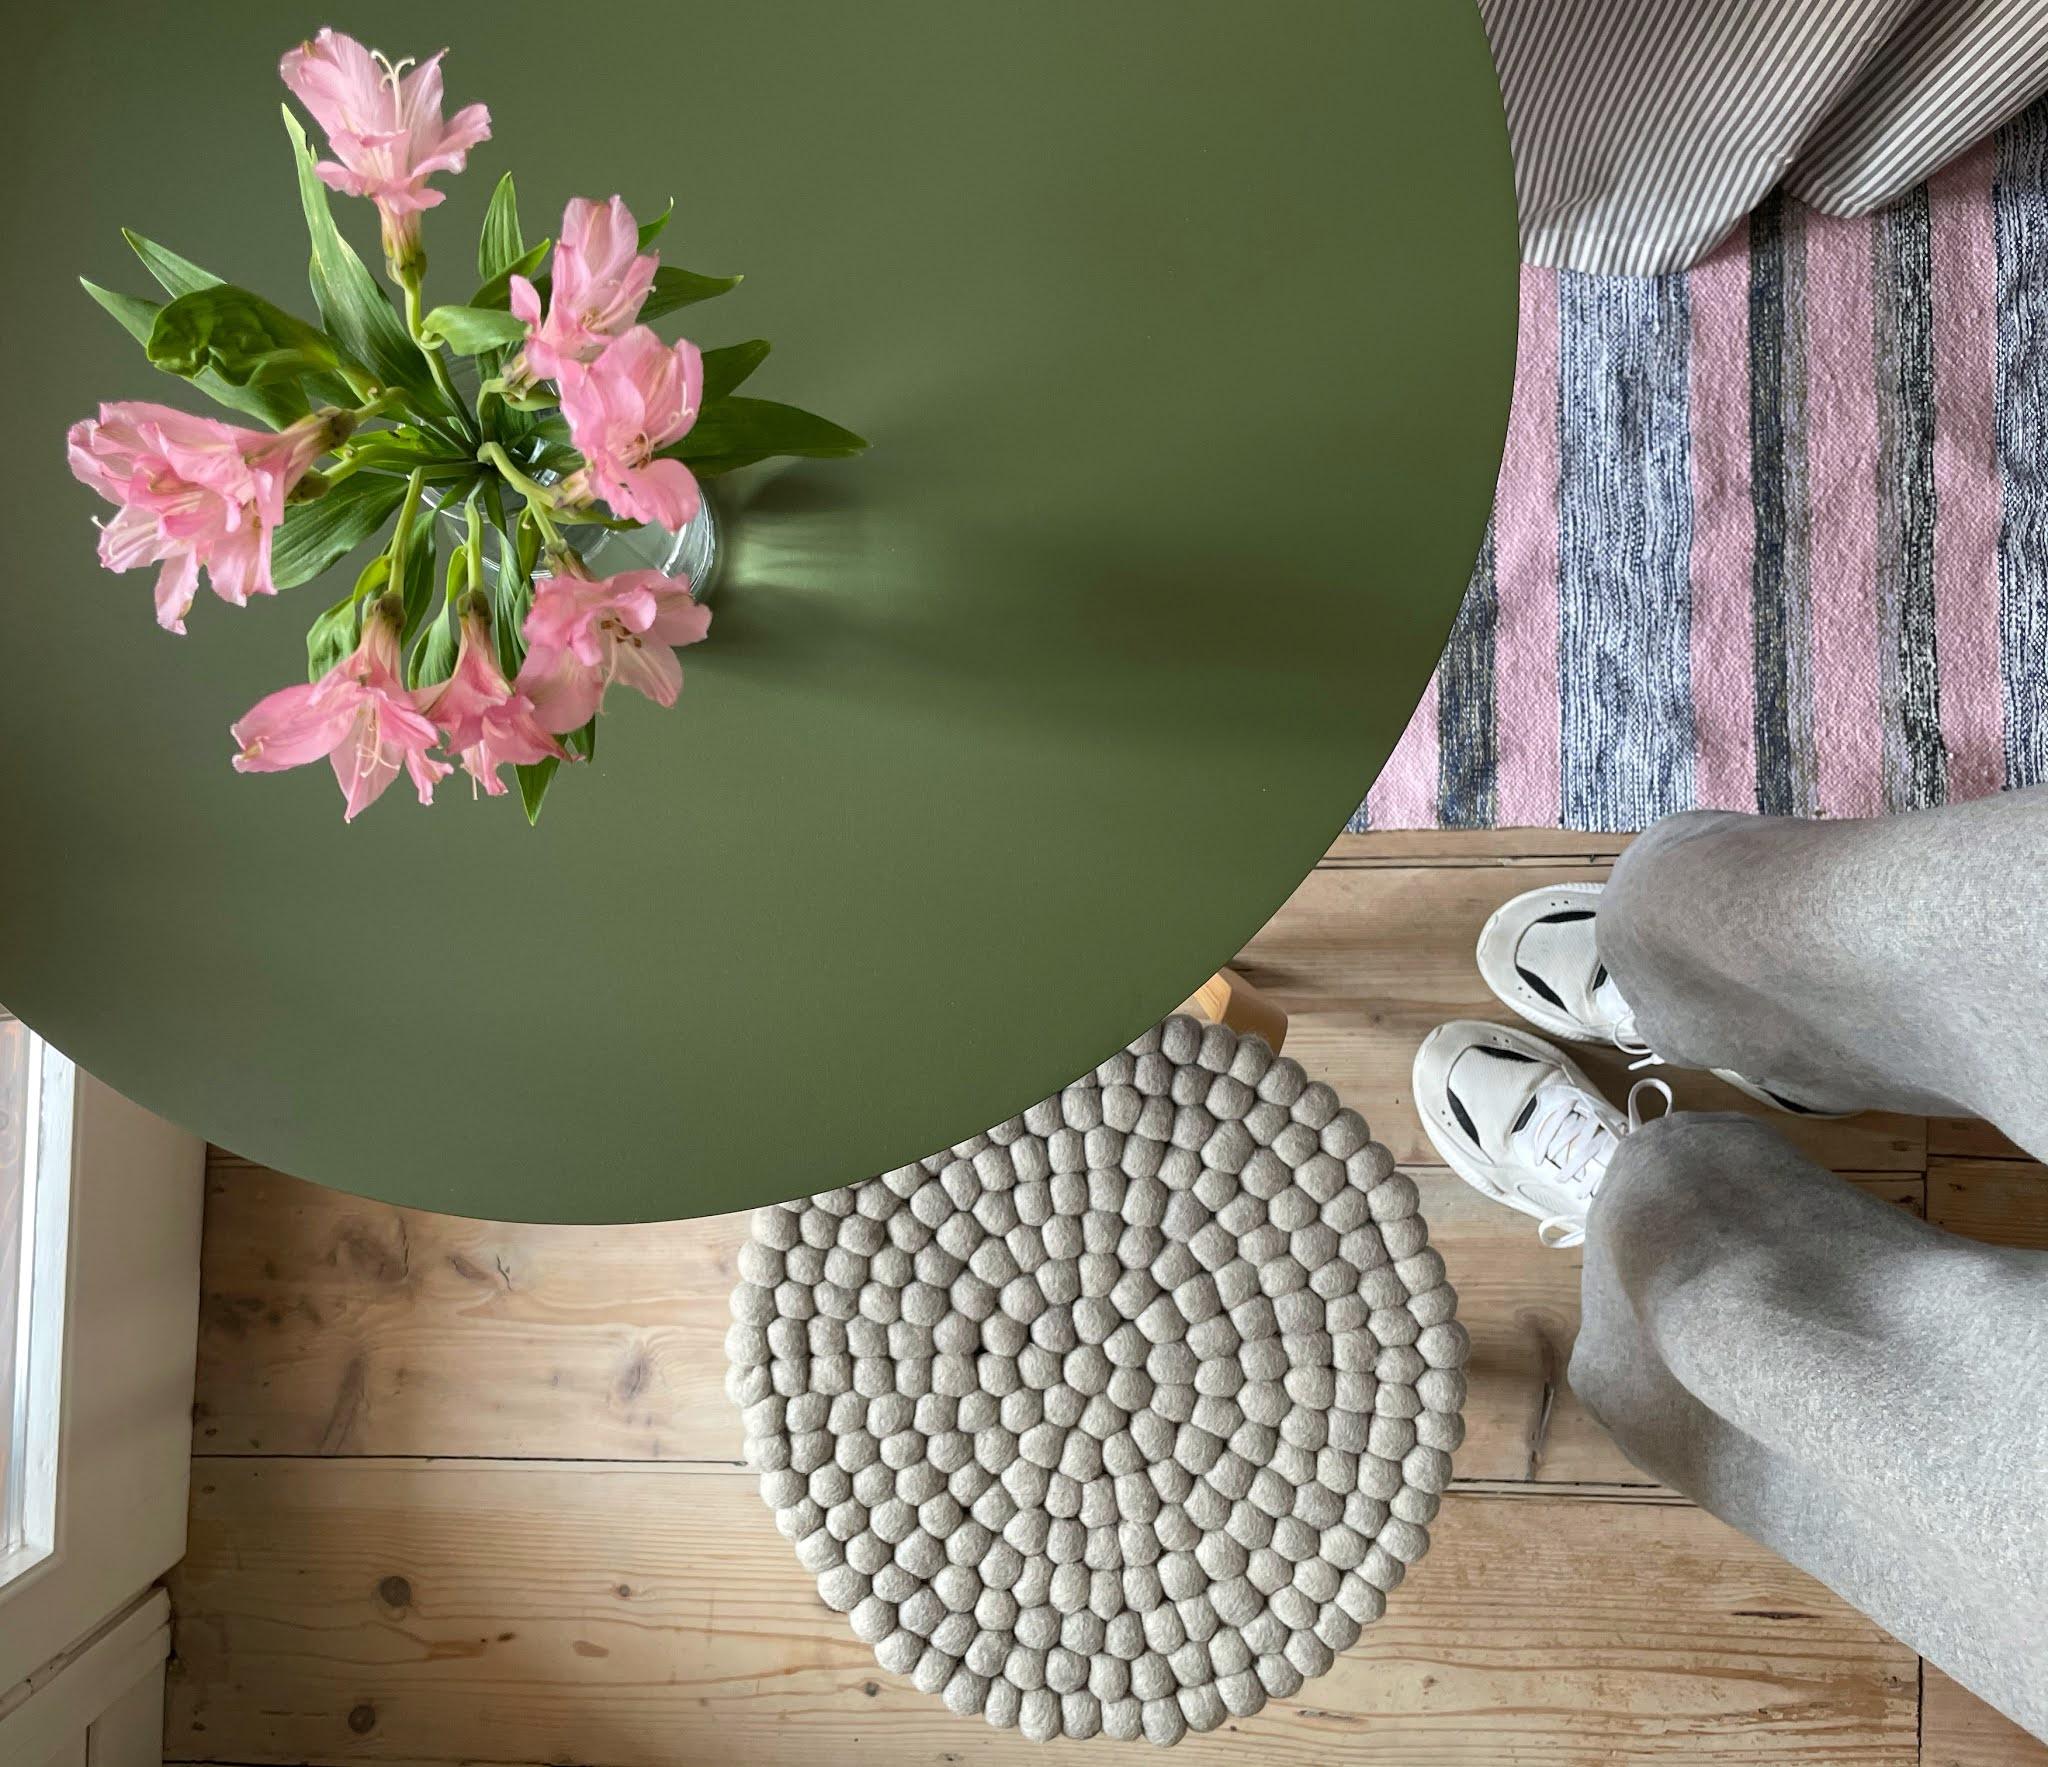 Home is a feeling - Piccola guida alla preparazione di una casa in 3 step